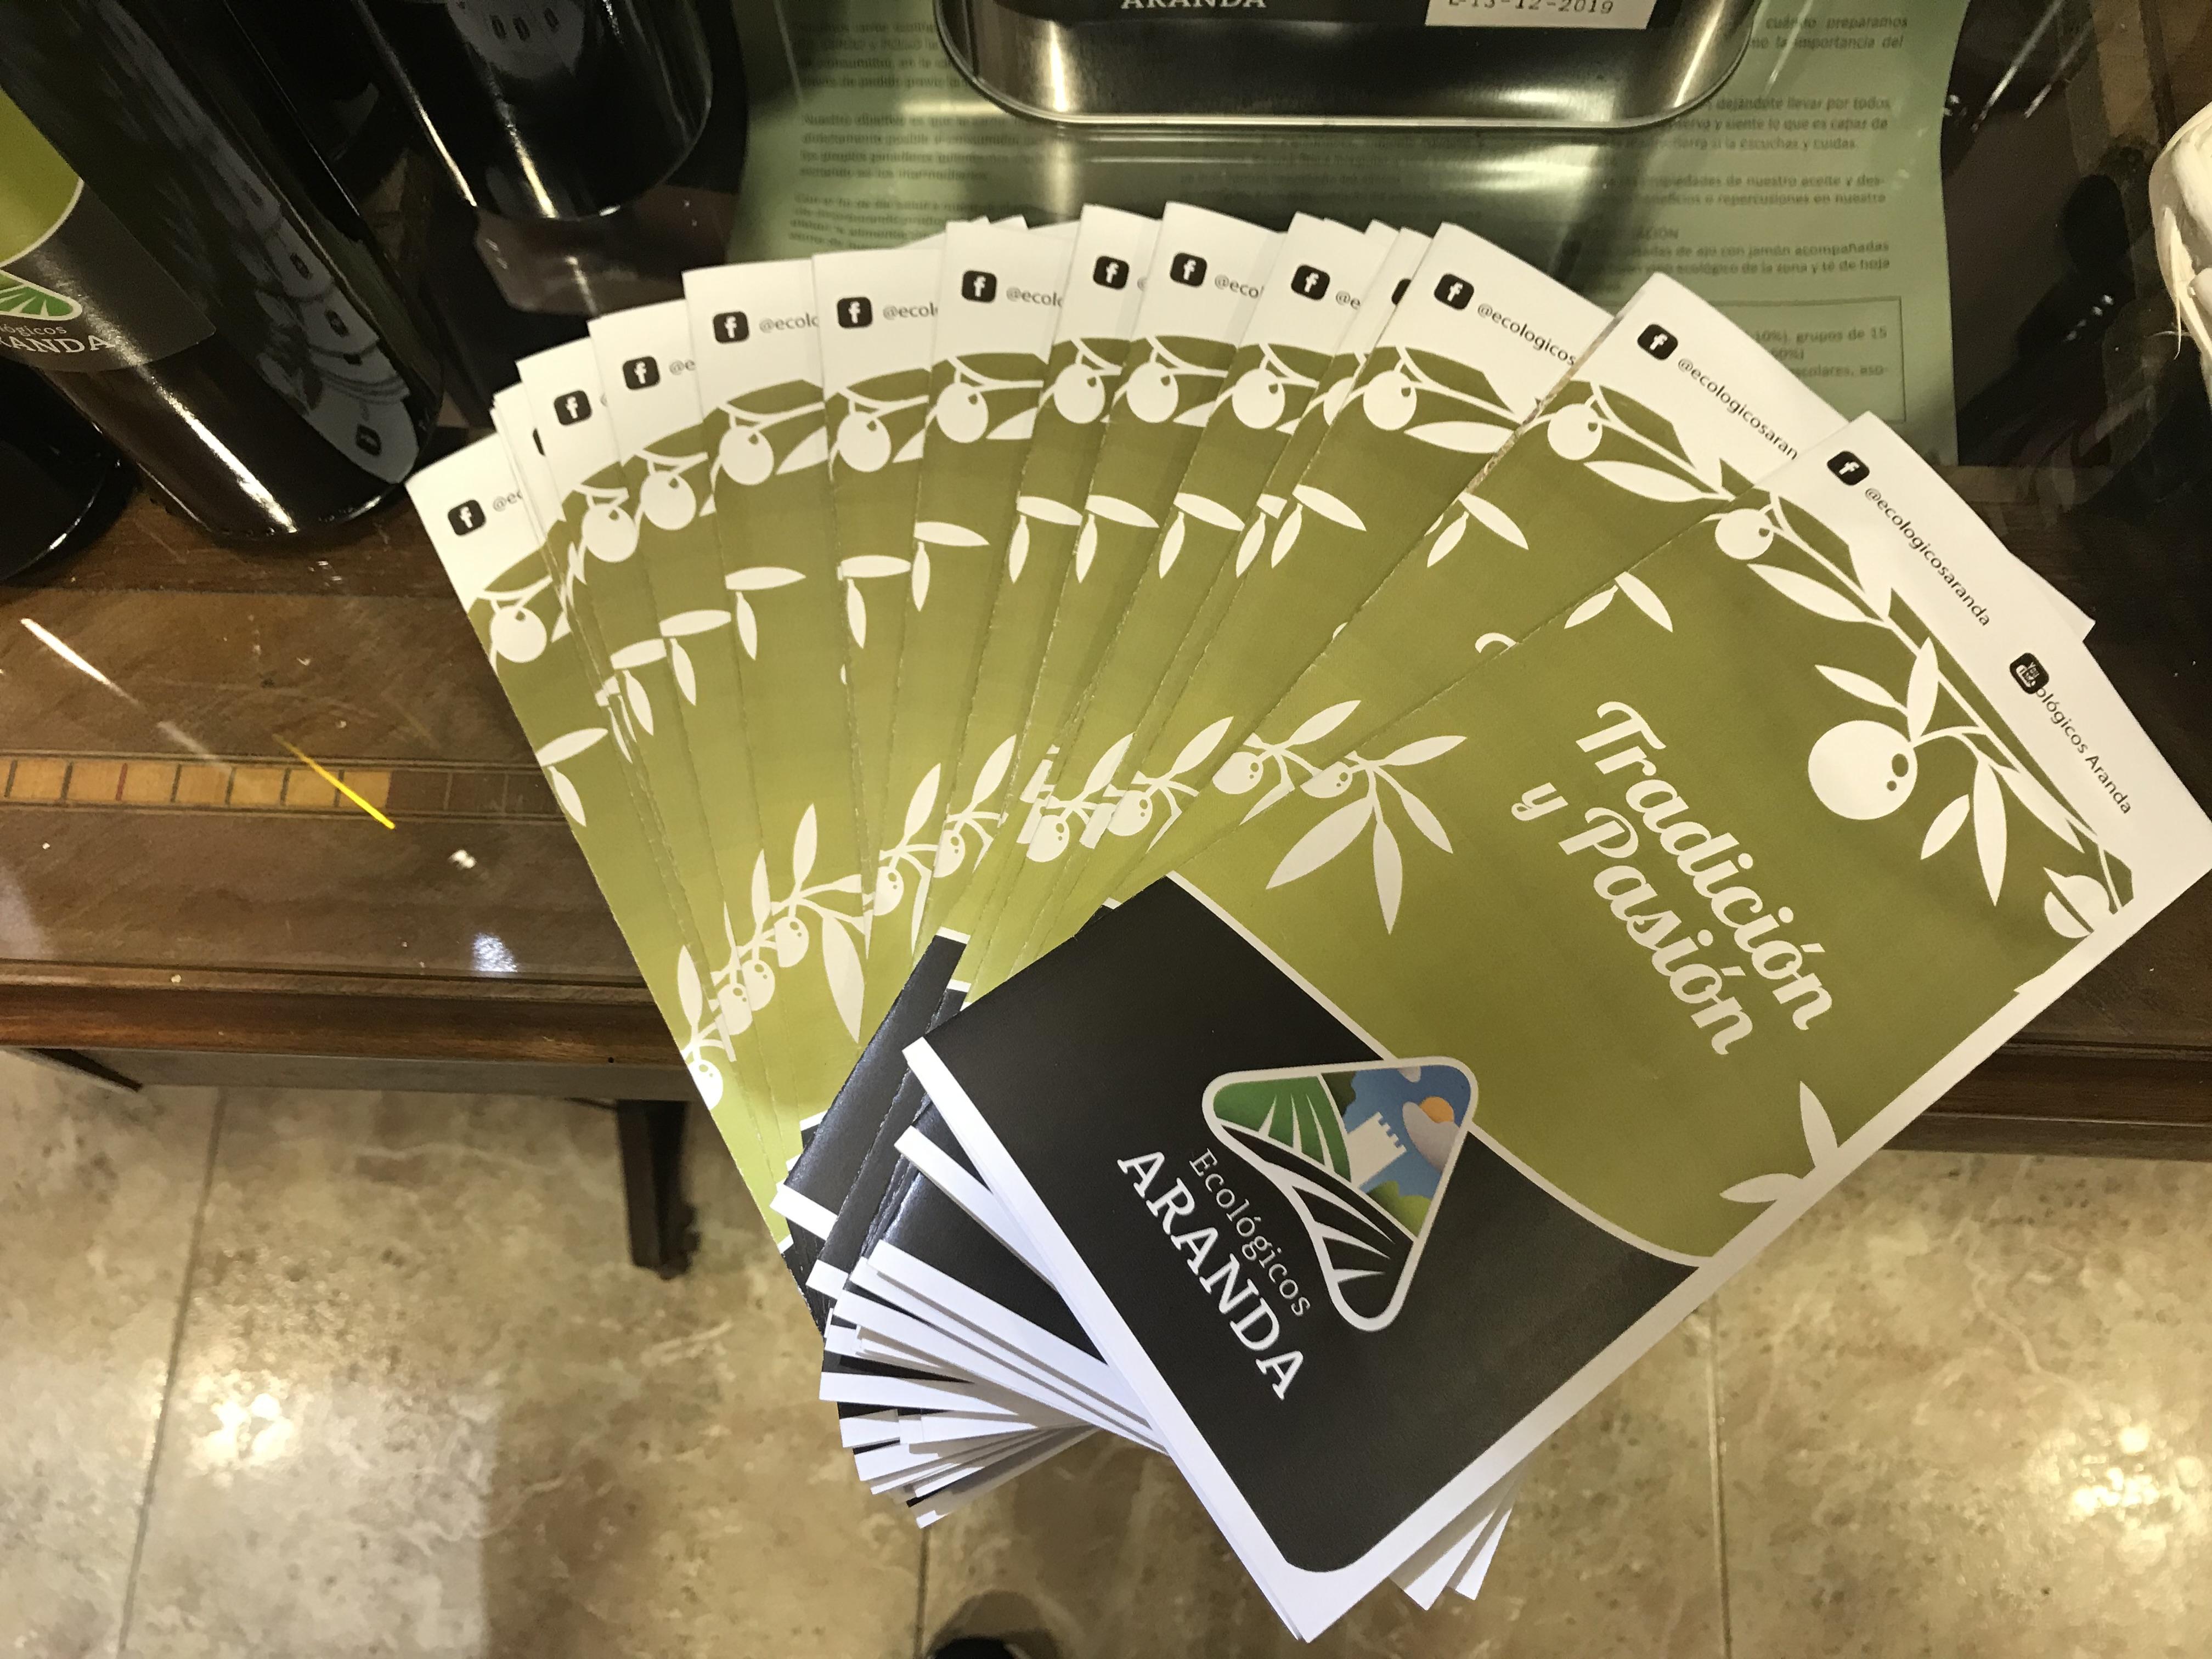 Cabecera Nuevo tríptico Ecológicos Aranda - Noticias Ecológicos Aranda